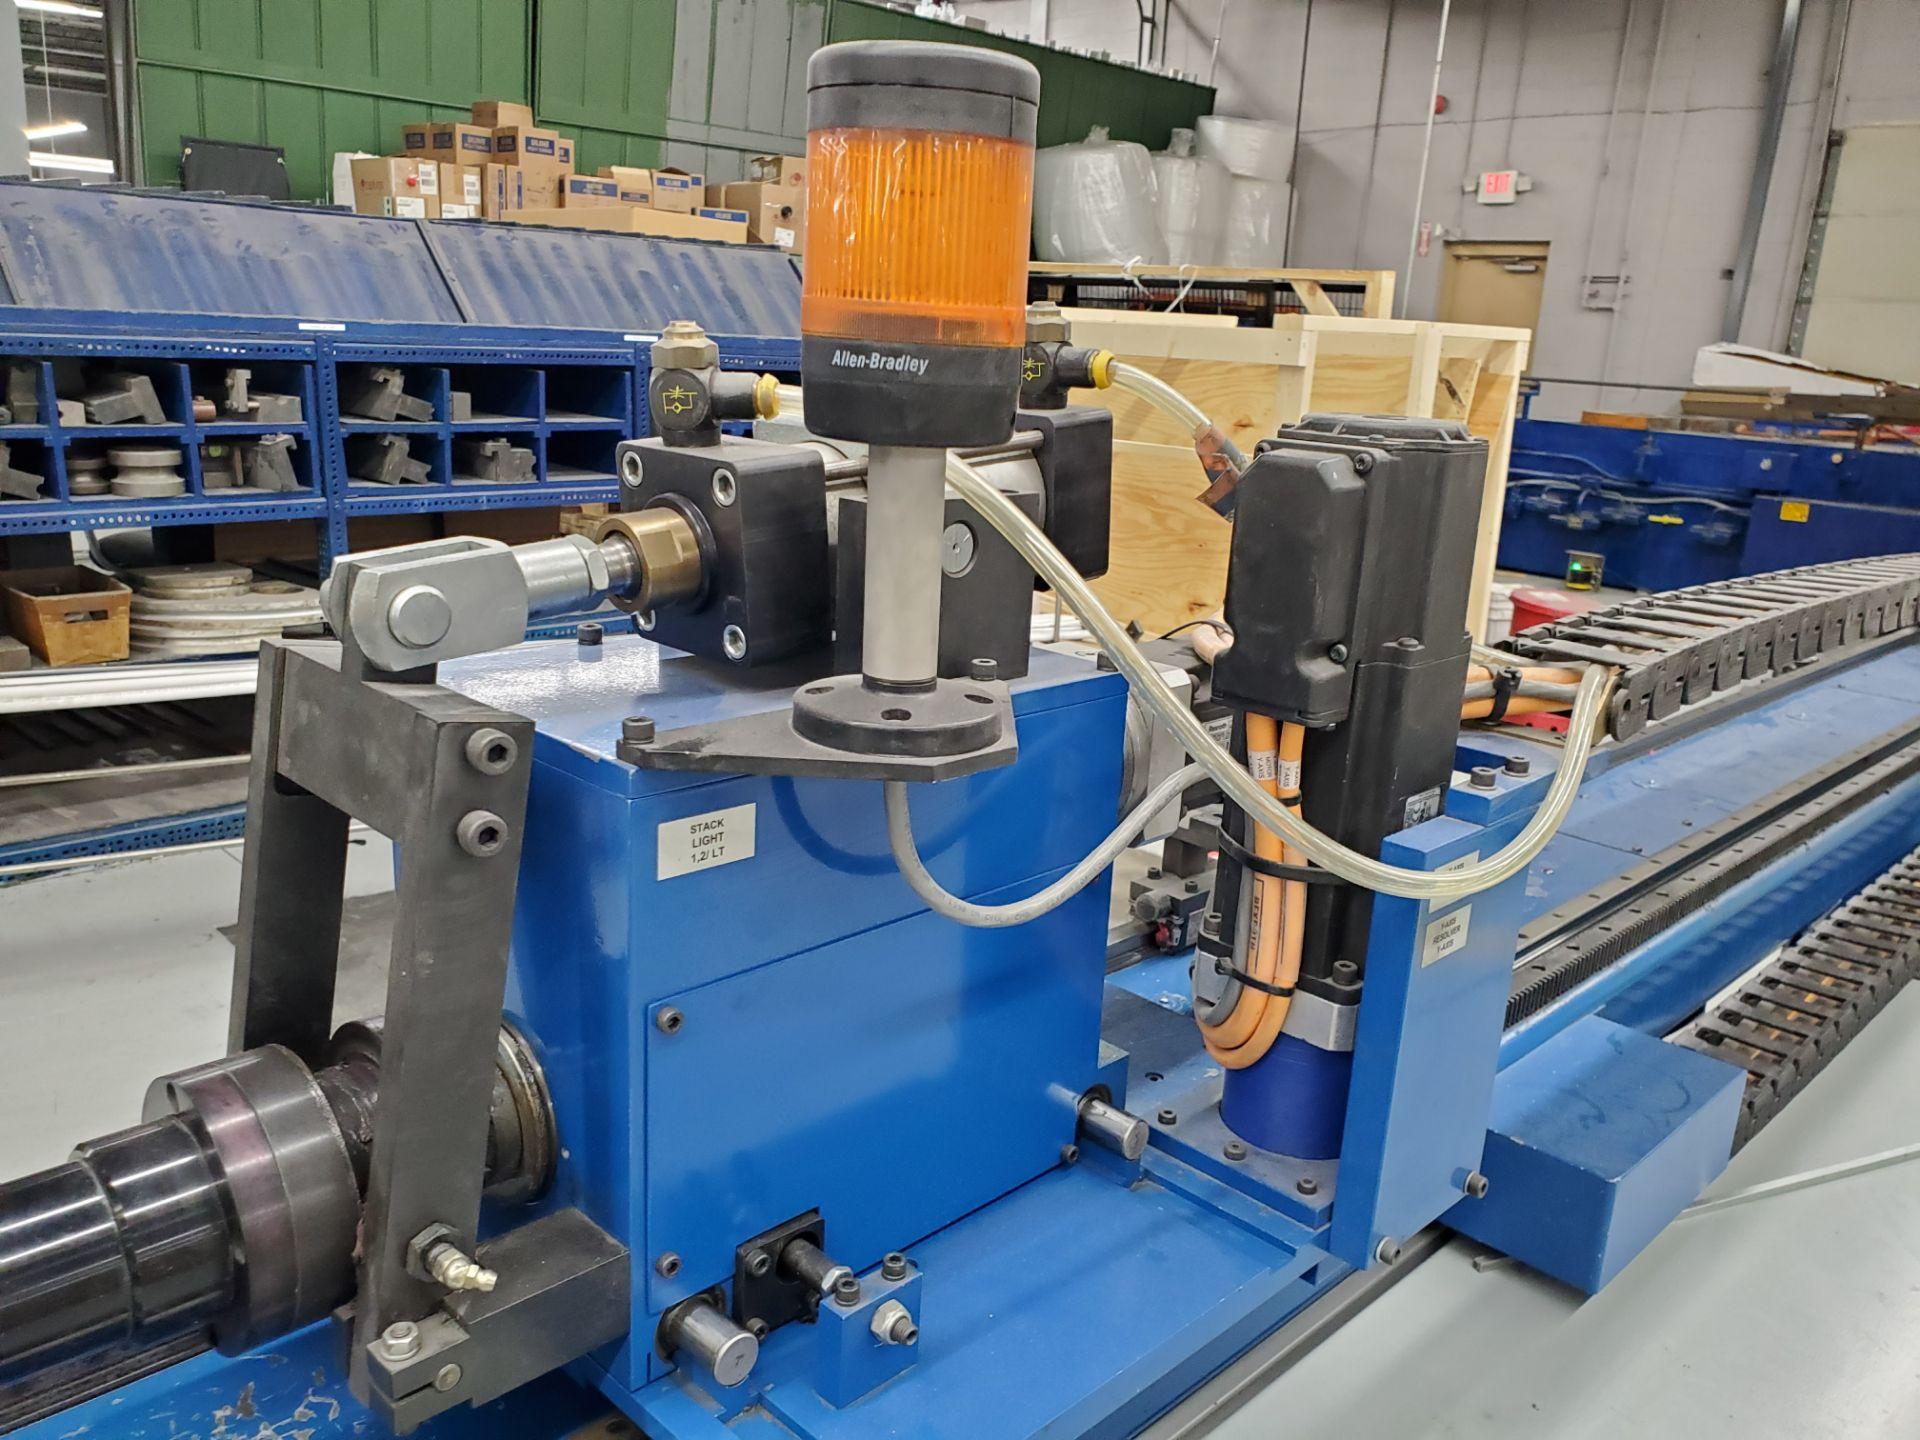 CNC Eaton Leonard Tube Bender Model VBCE25, S/N 25RH 8606761PC12/08, New 2008 - Image 8 of 18